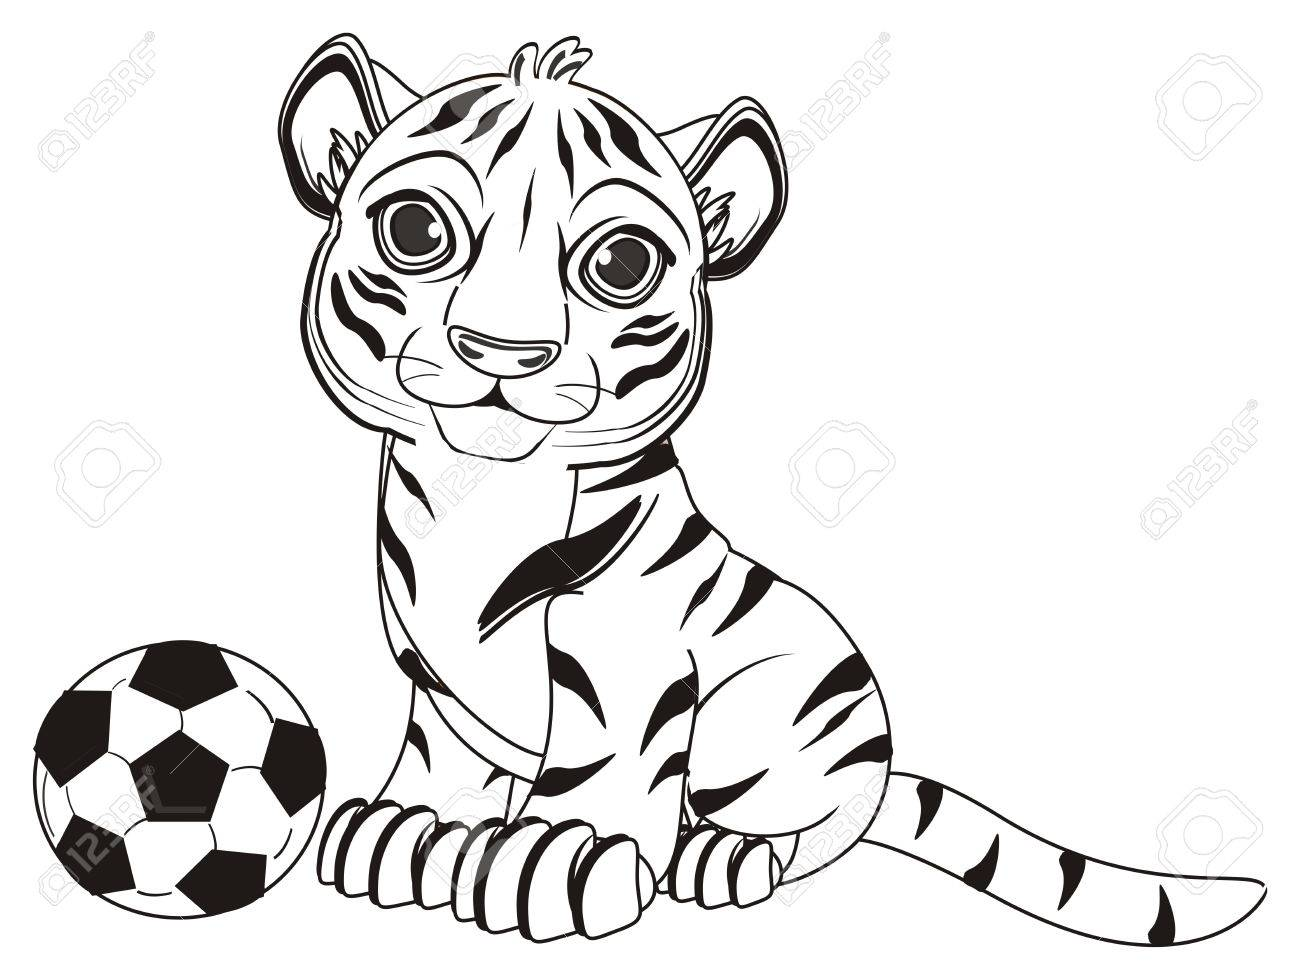 Färbung Tiger Sitzen Mit Einem Fußball Lizenzfreie Fotos, Bilder Und ...